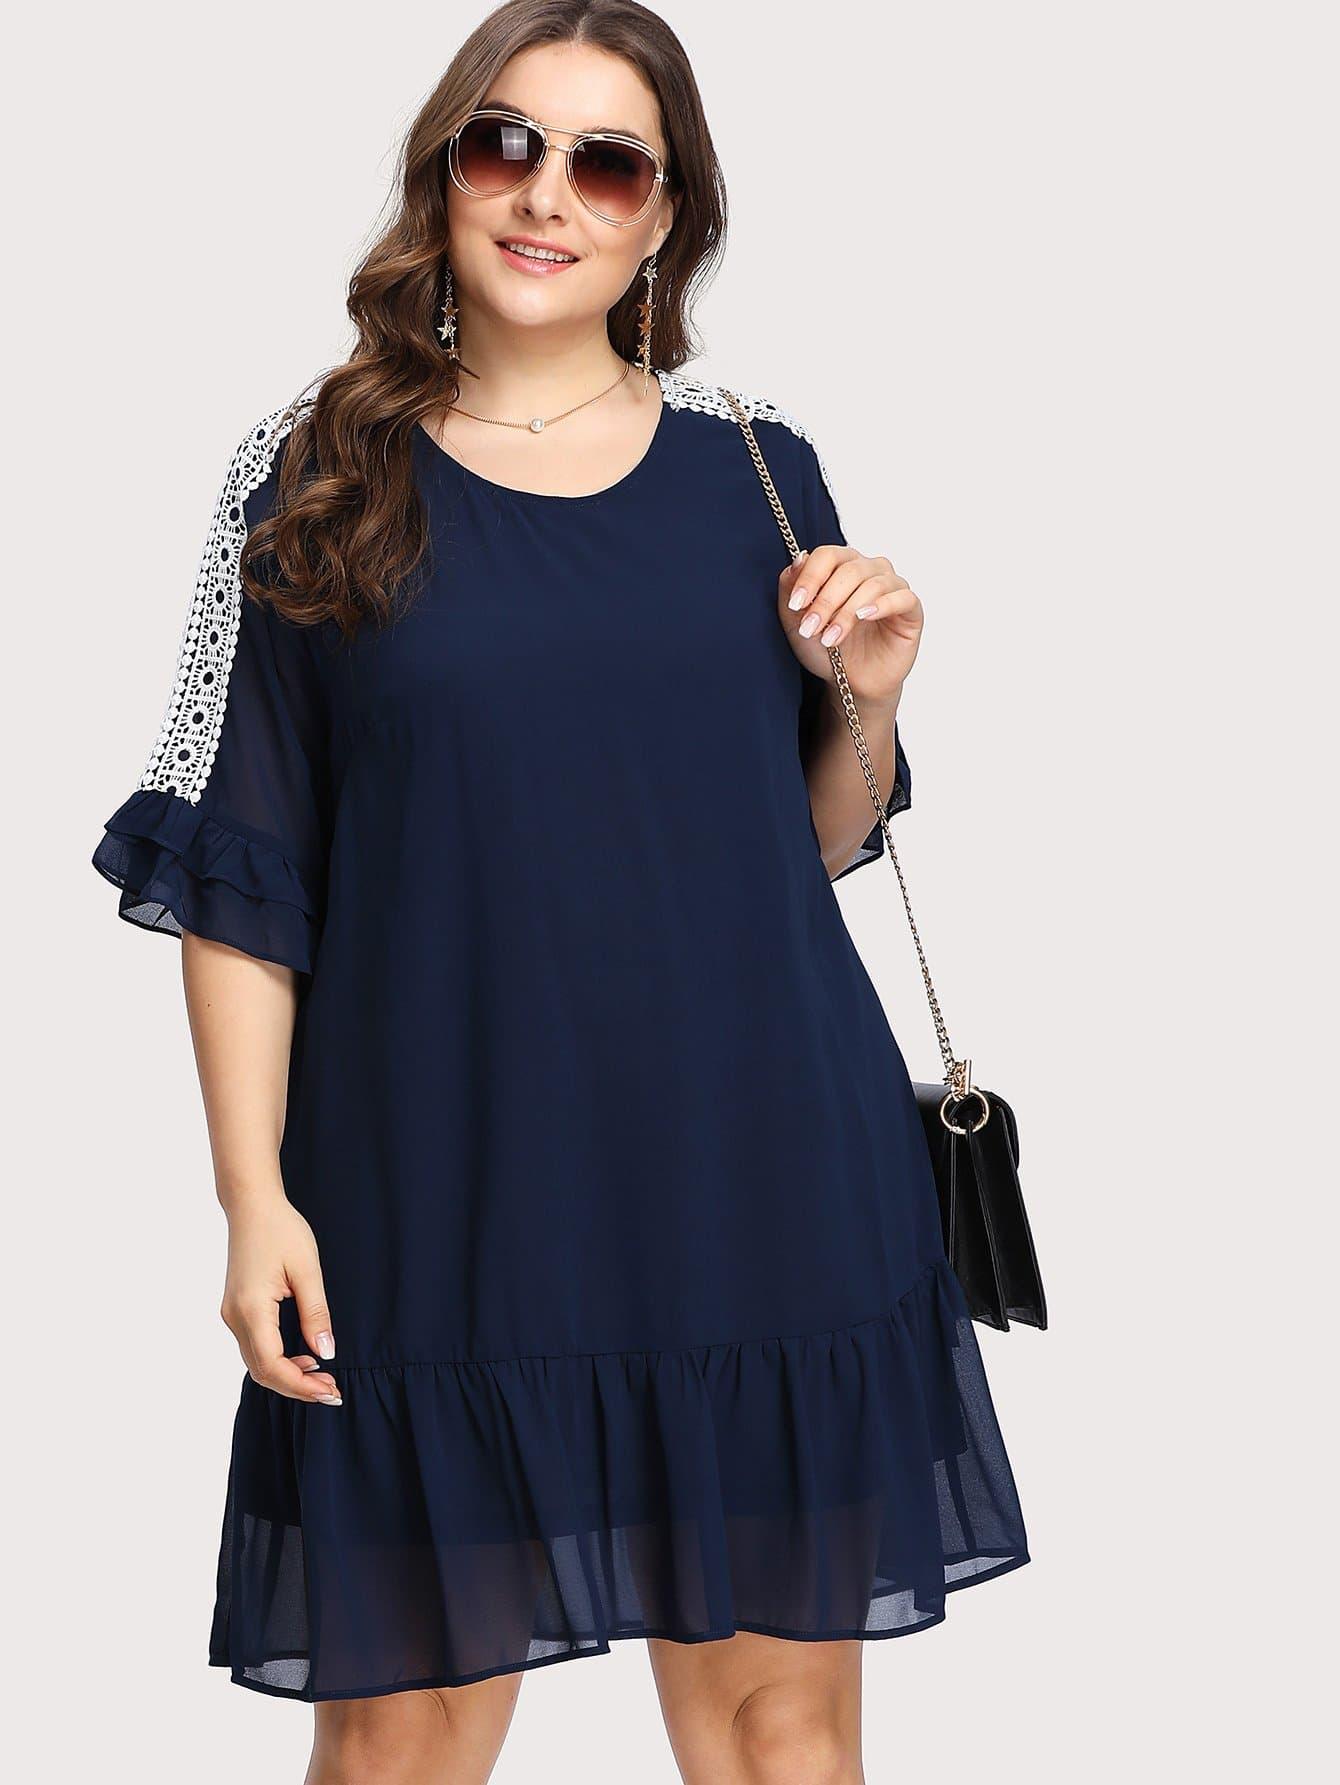 Купить Модное платье с оборкой и кружевной вставкой, Franziska, SheIn